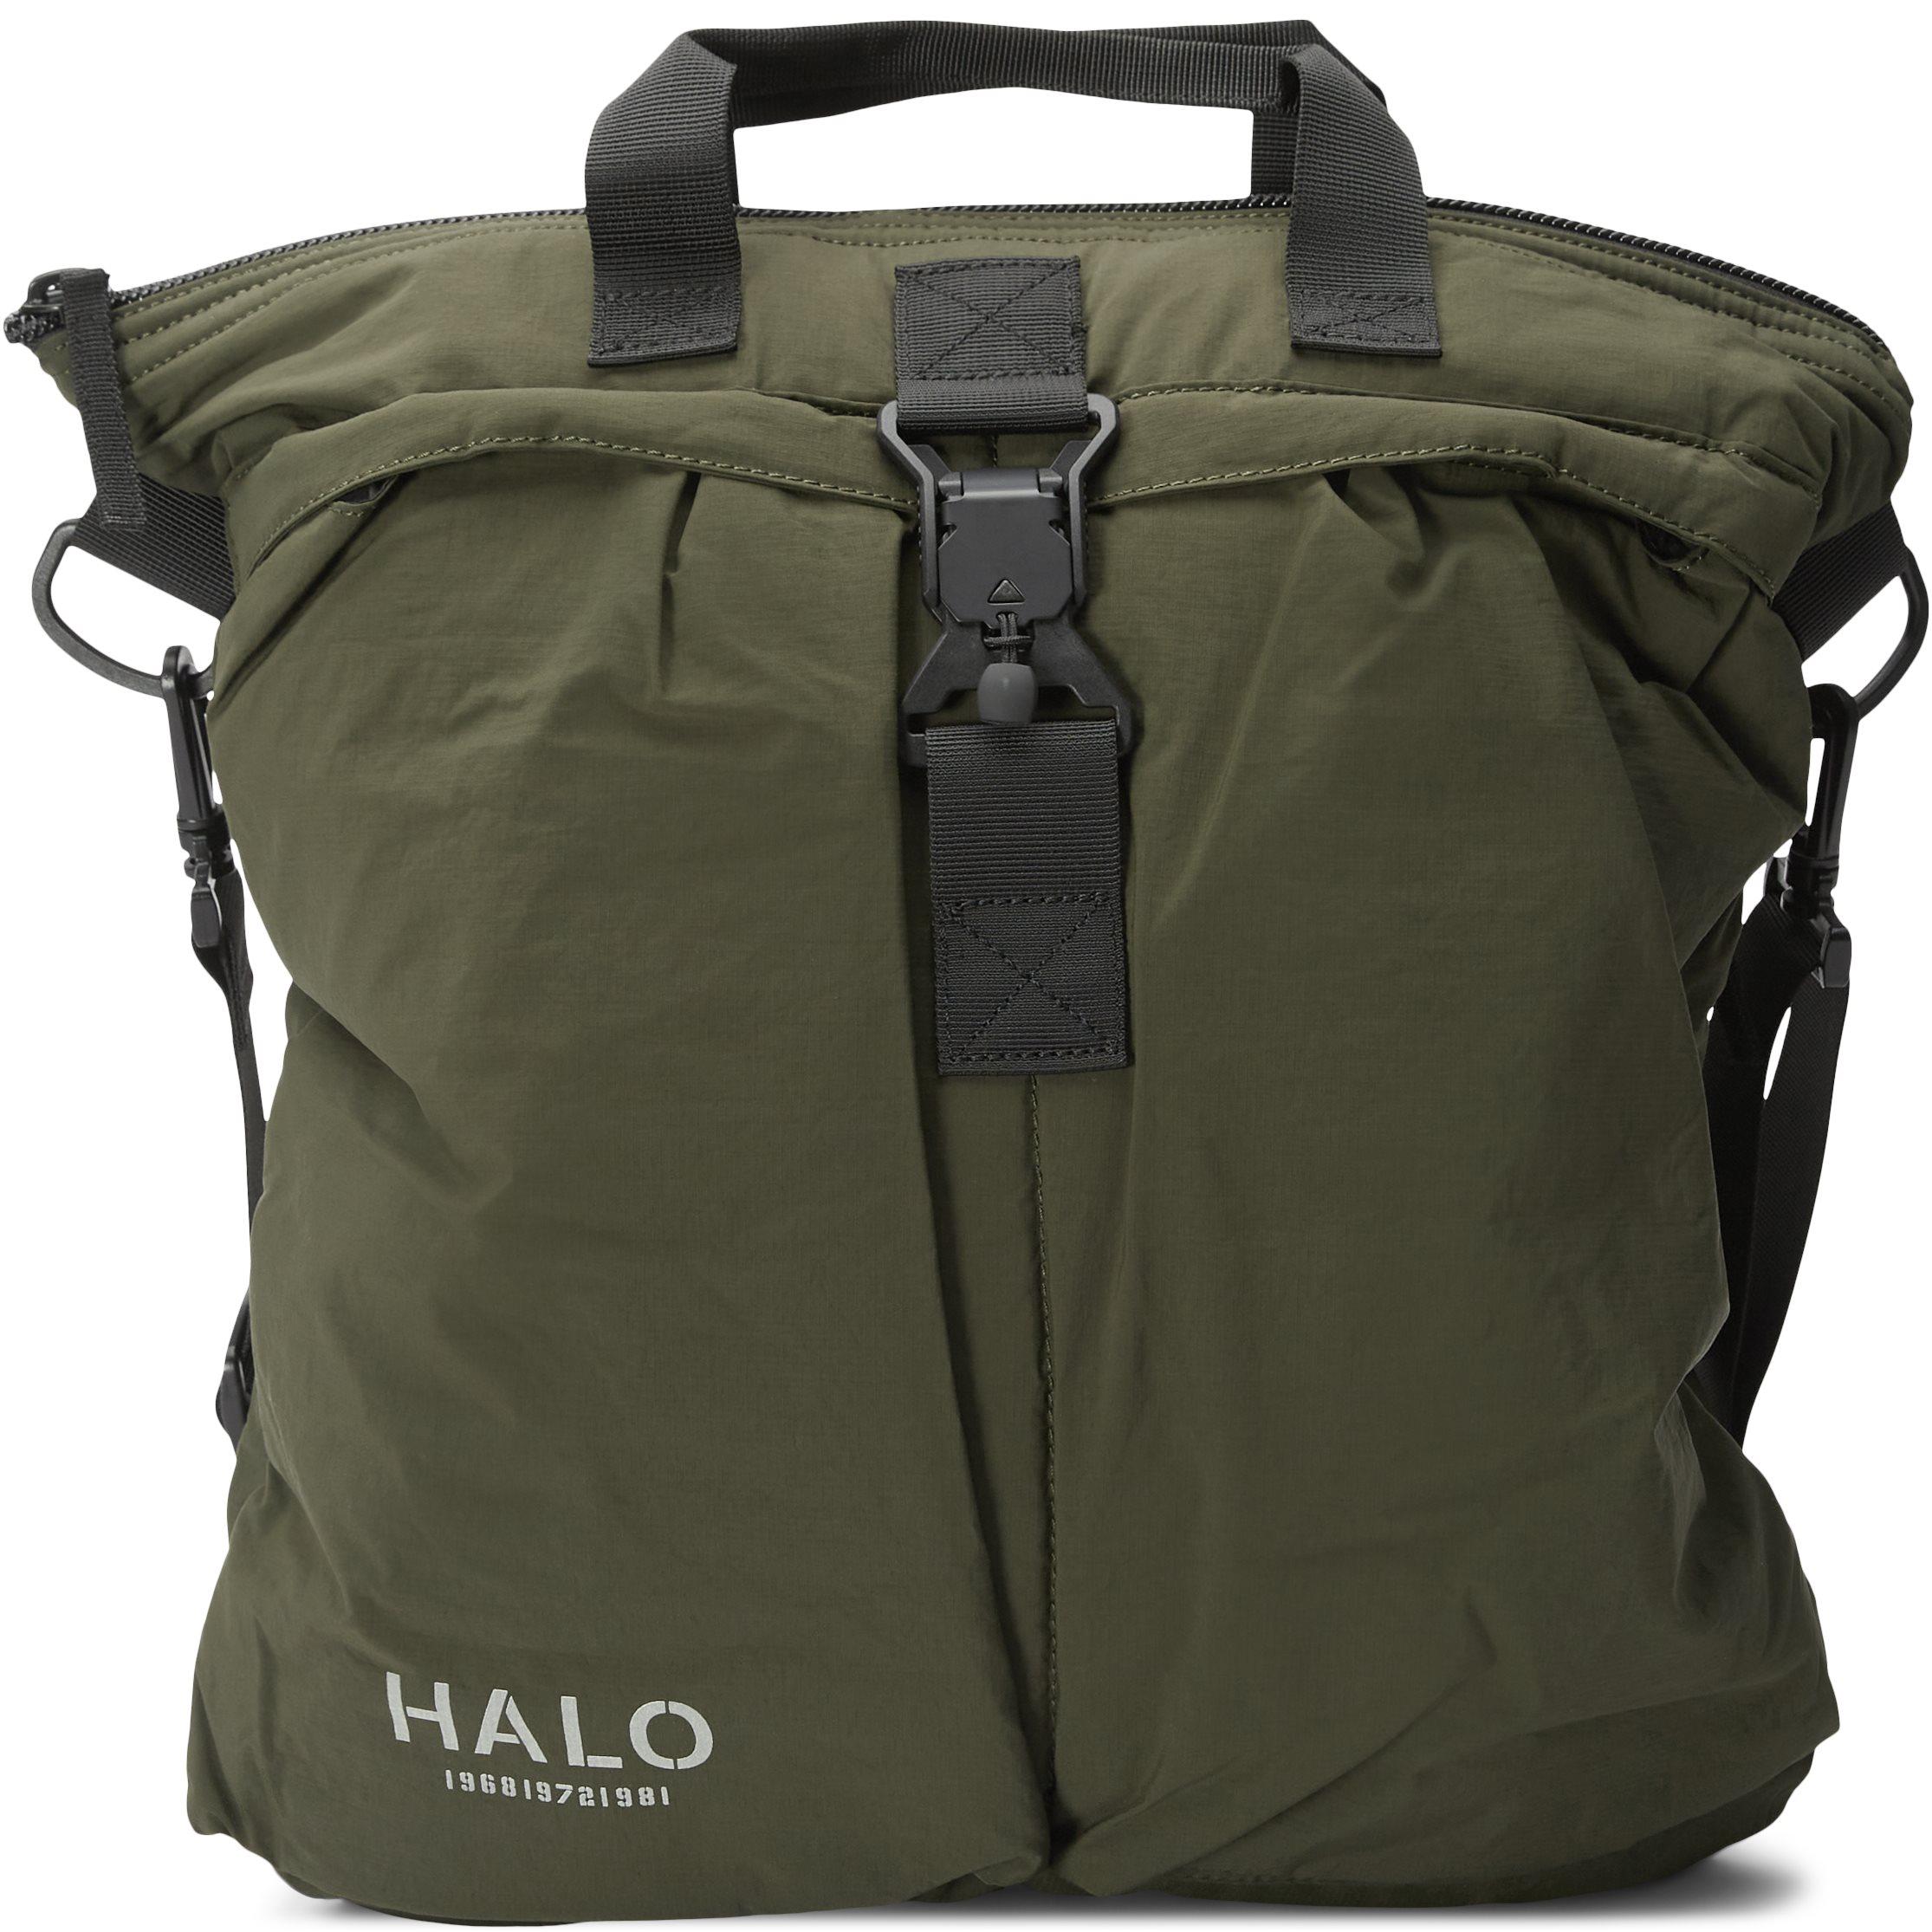 Helmet Bag - Väskor - Grön